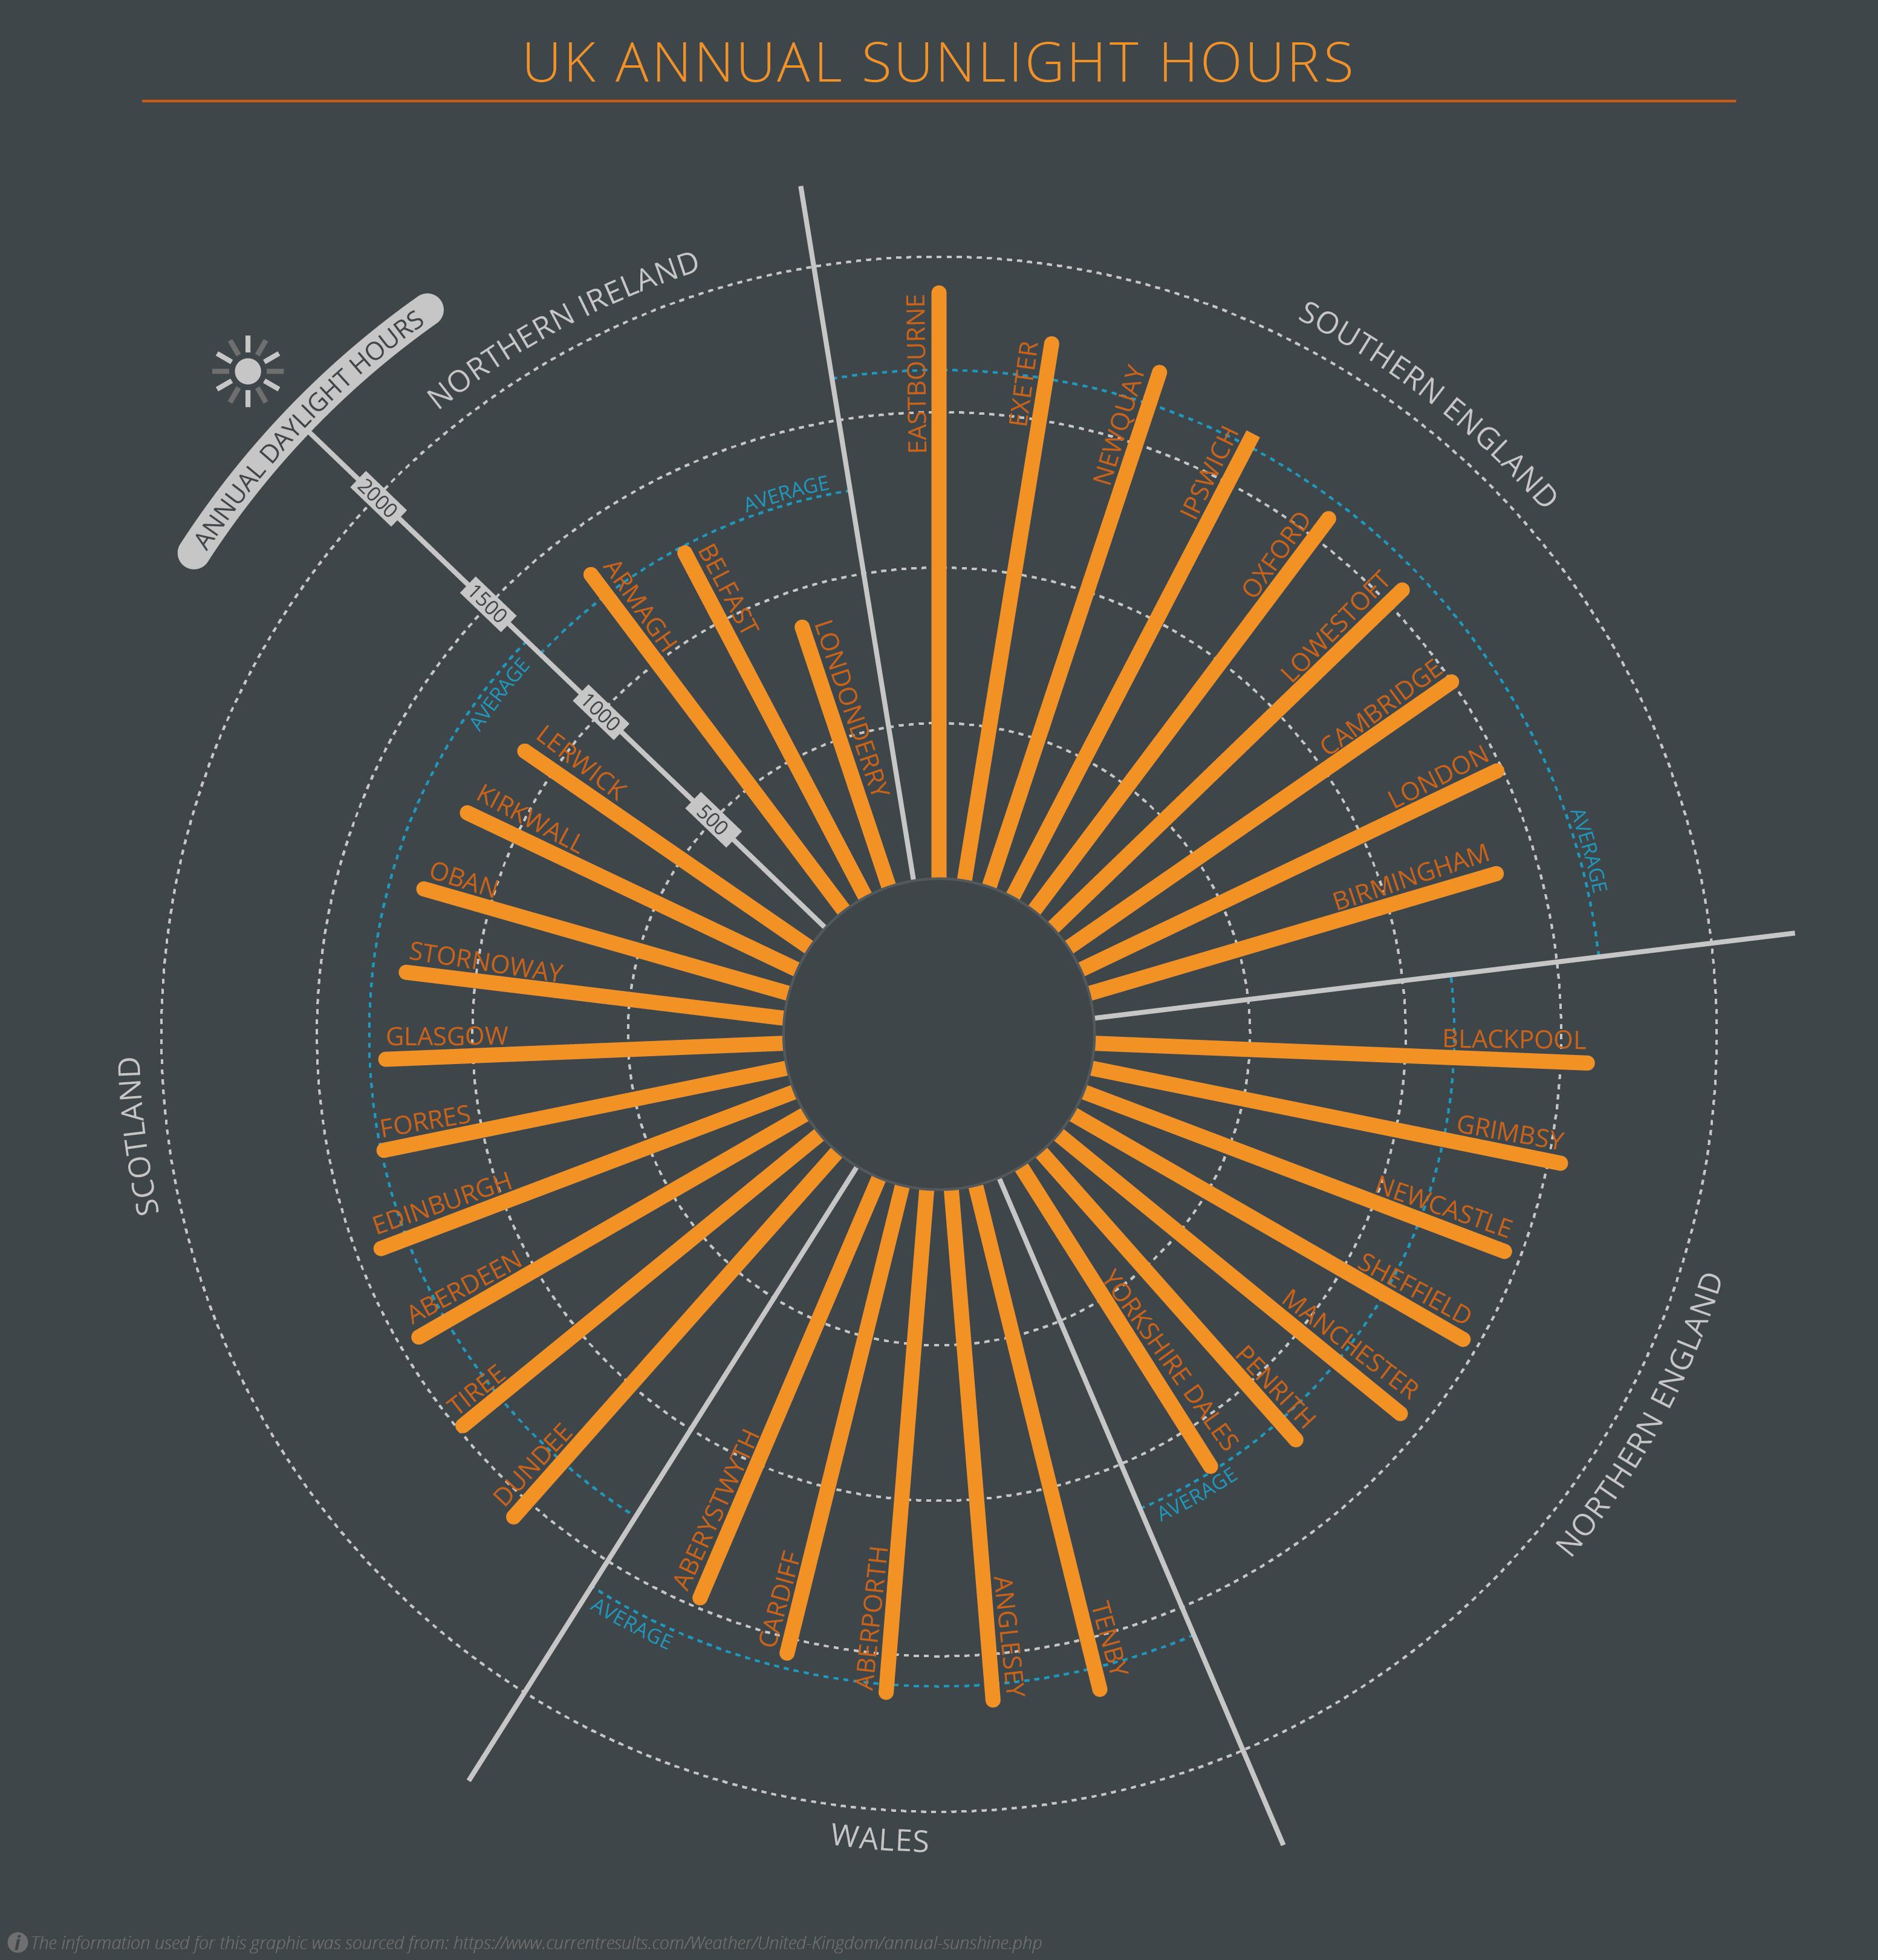 UK Annual sunlight hours